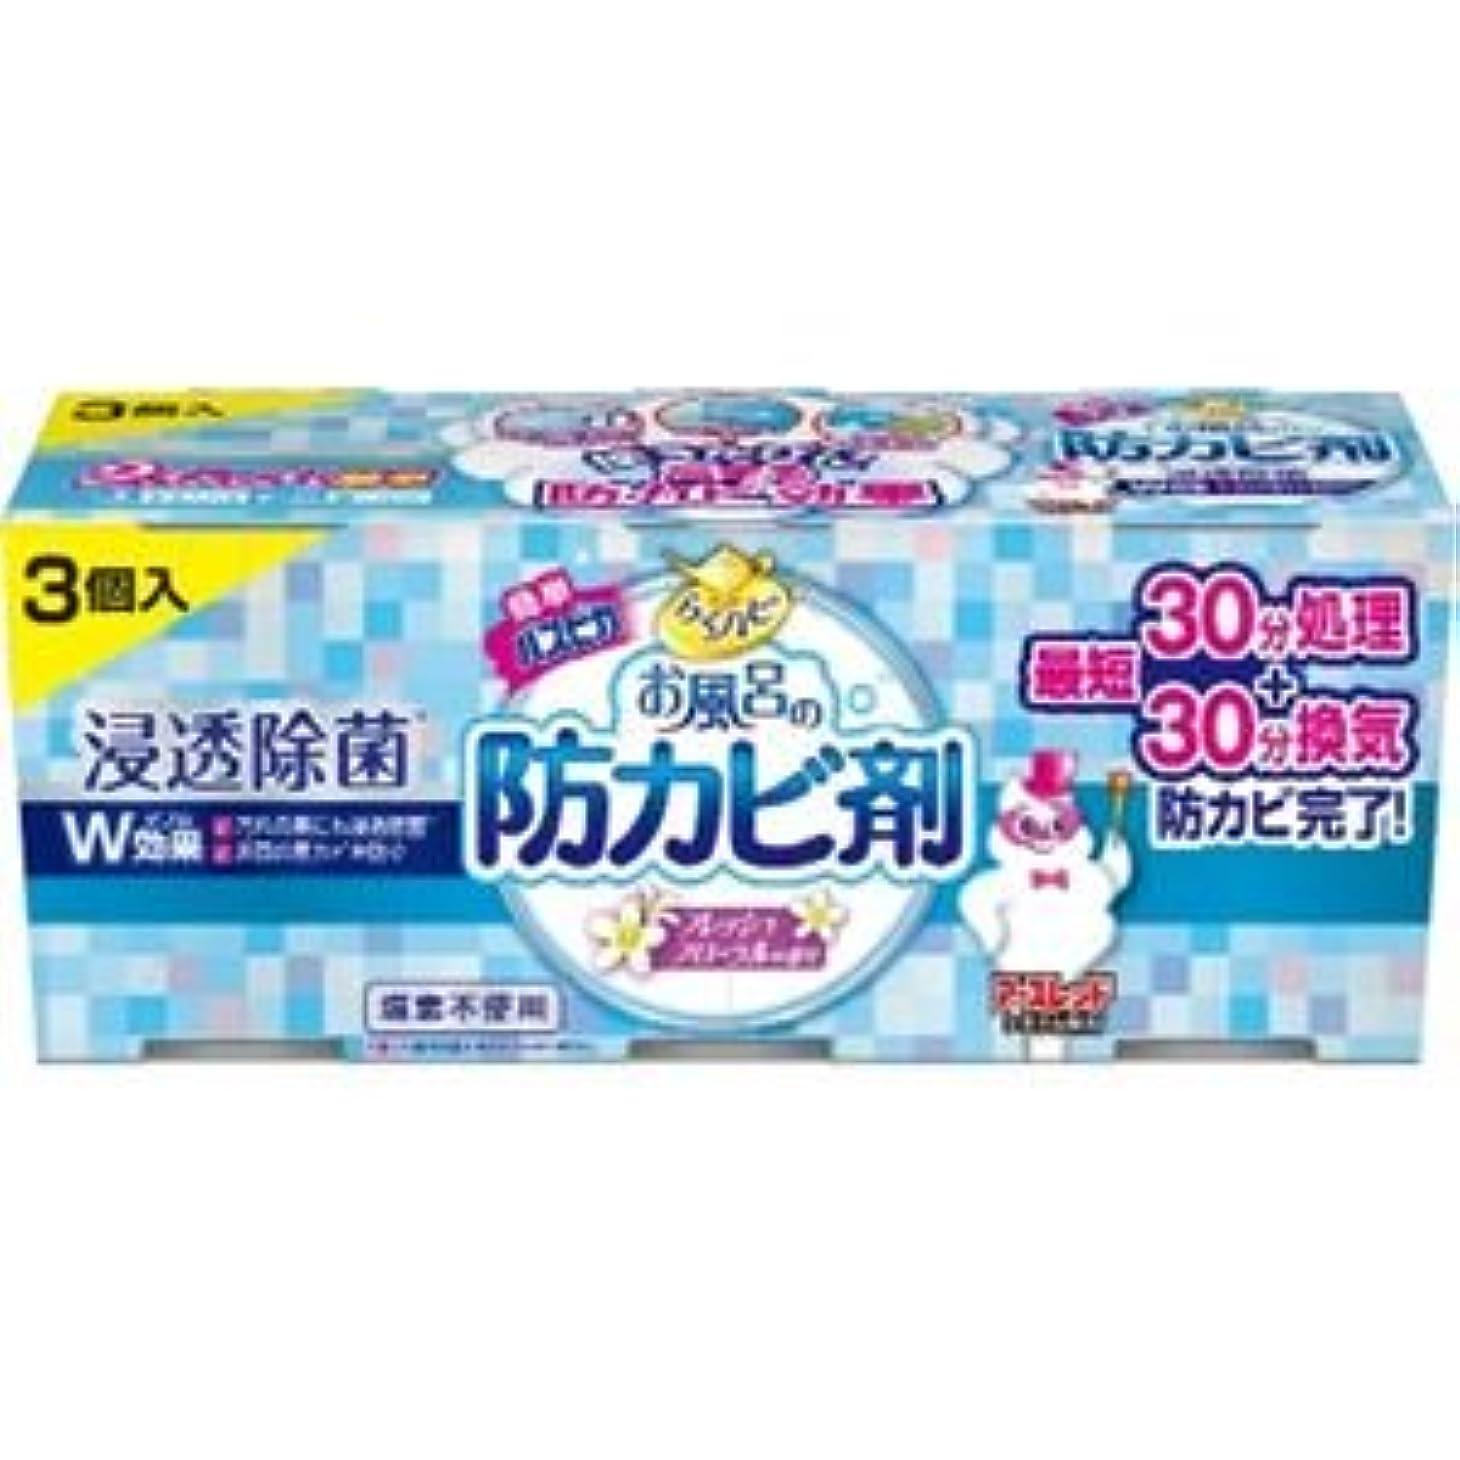 重力ケーブル定常アース製薬 らくハピお風呂の防カビ剤フローラル3個パック ×1点